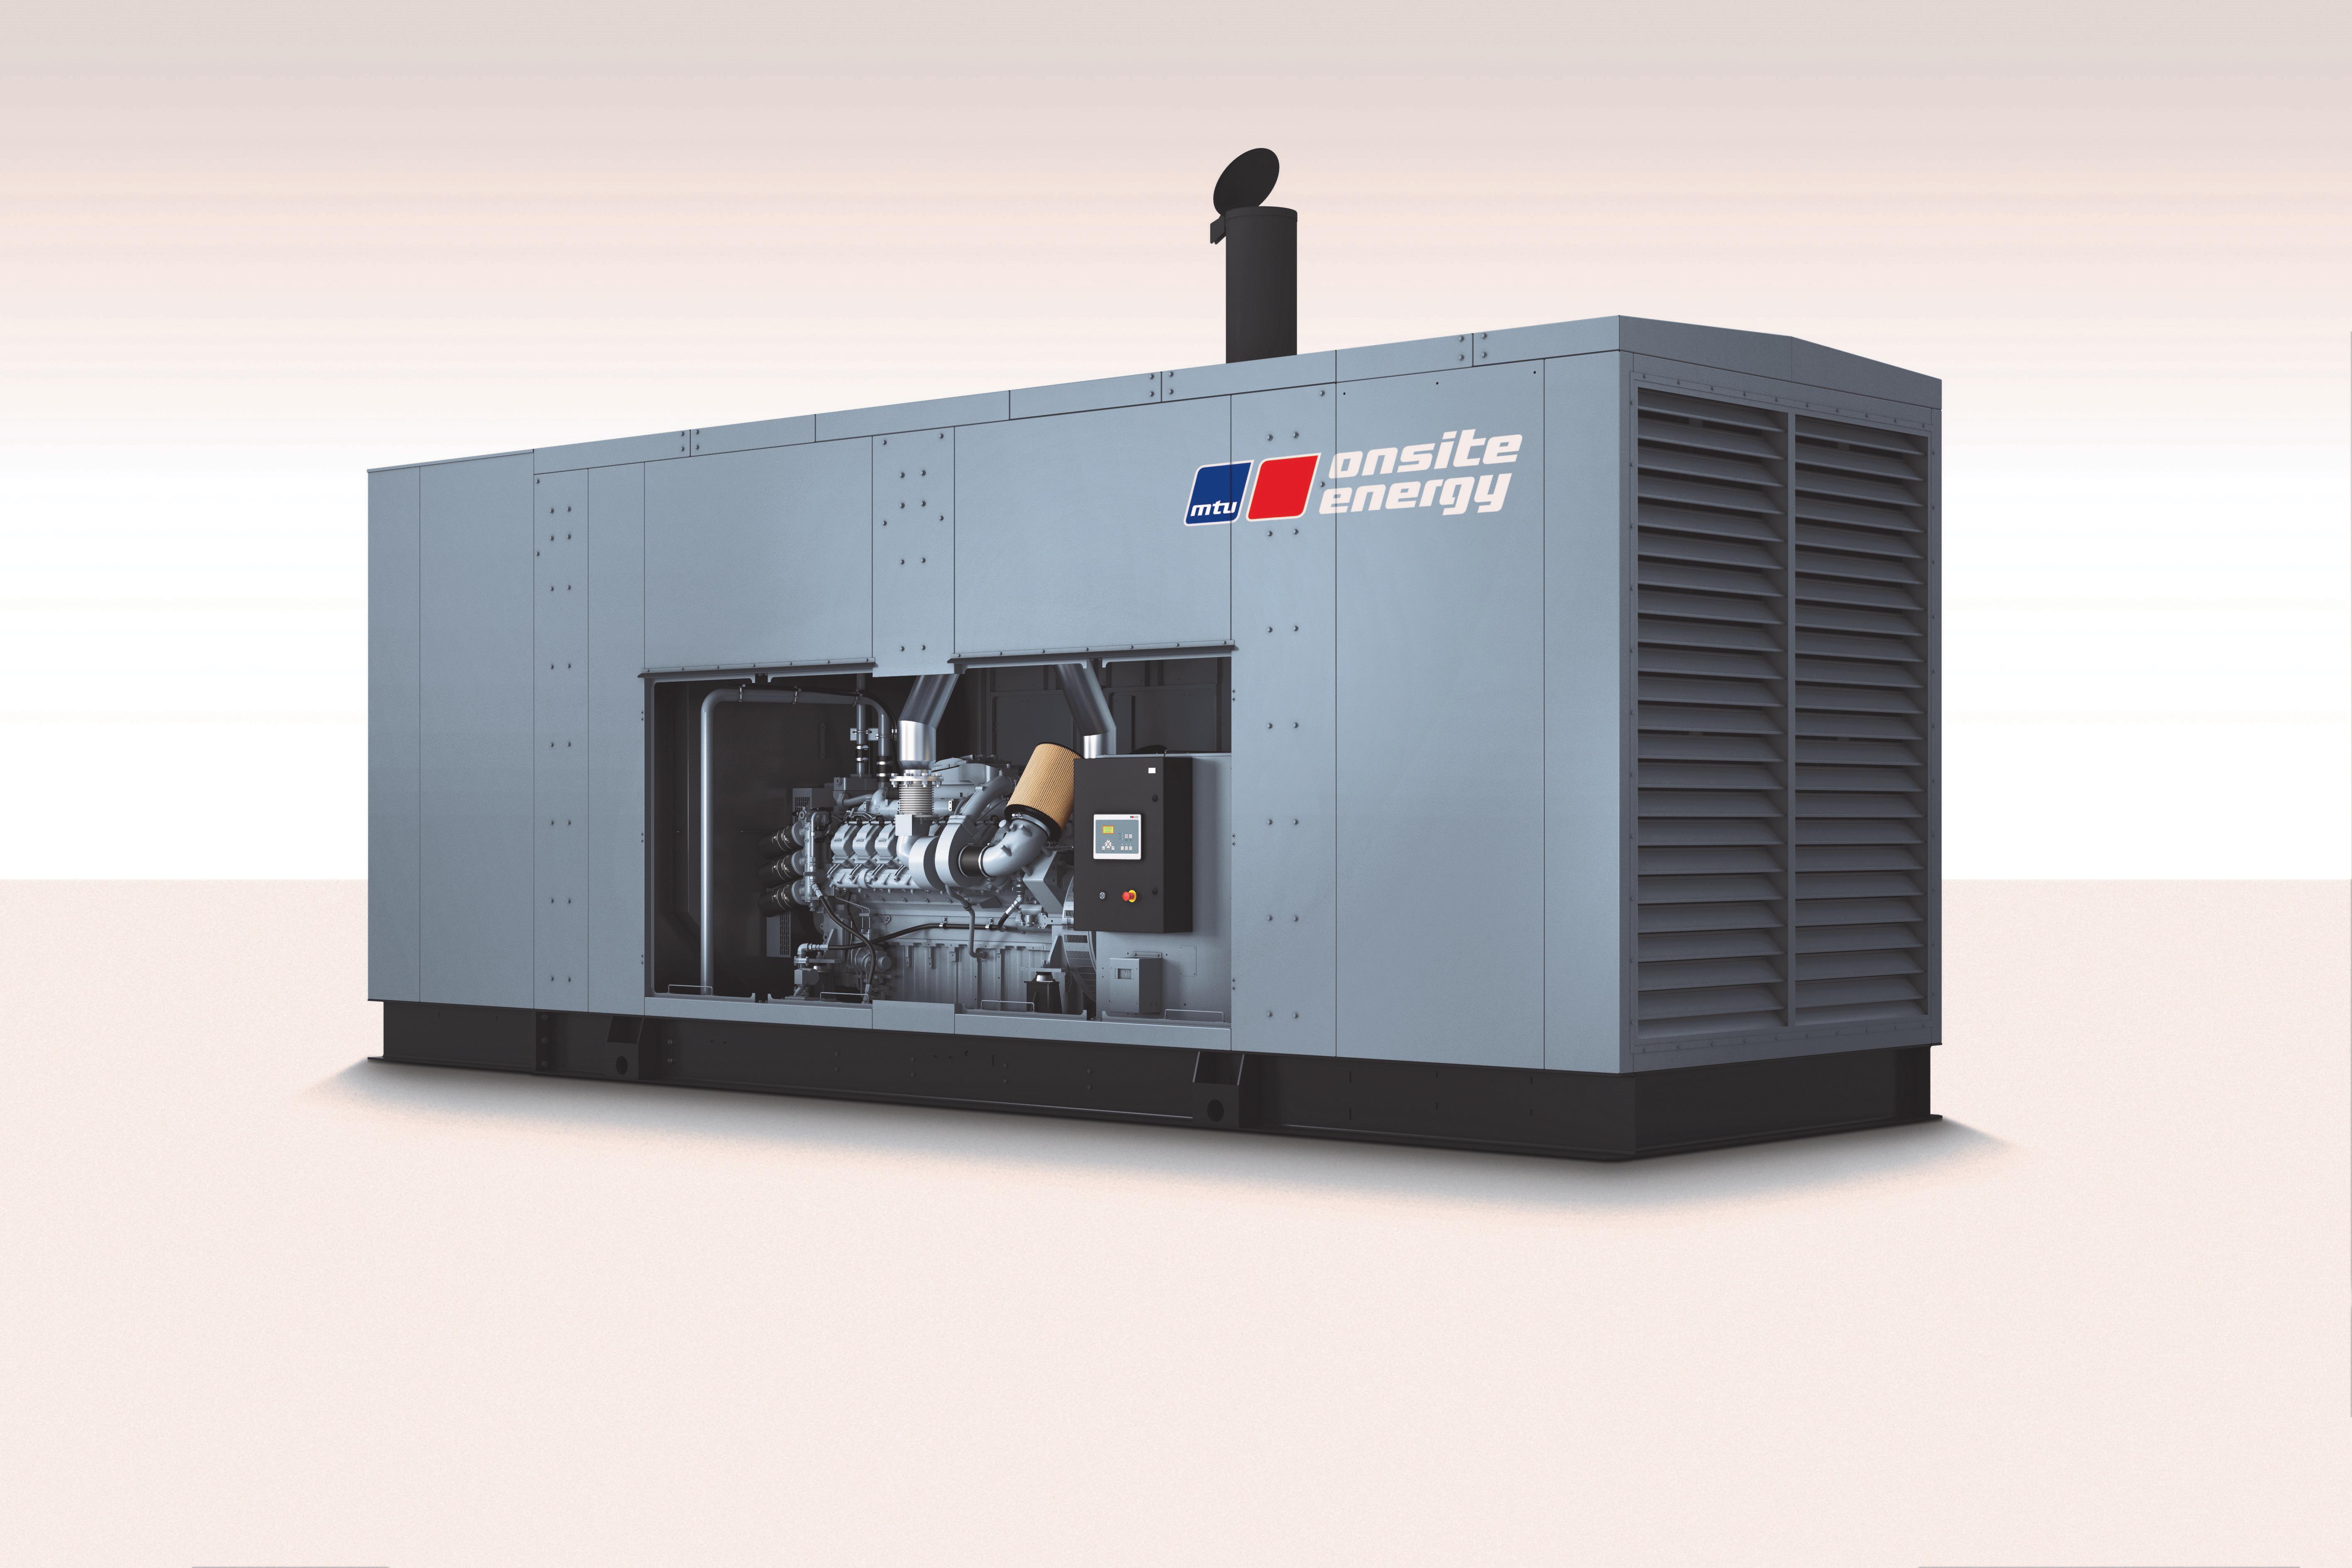 Rolls-Royce Introduces New MTU Onsite Energy Diesel